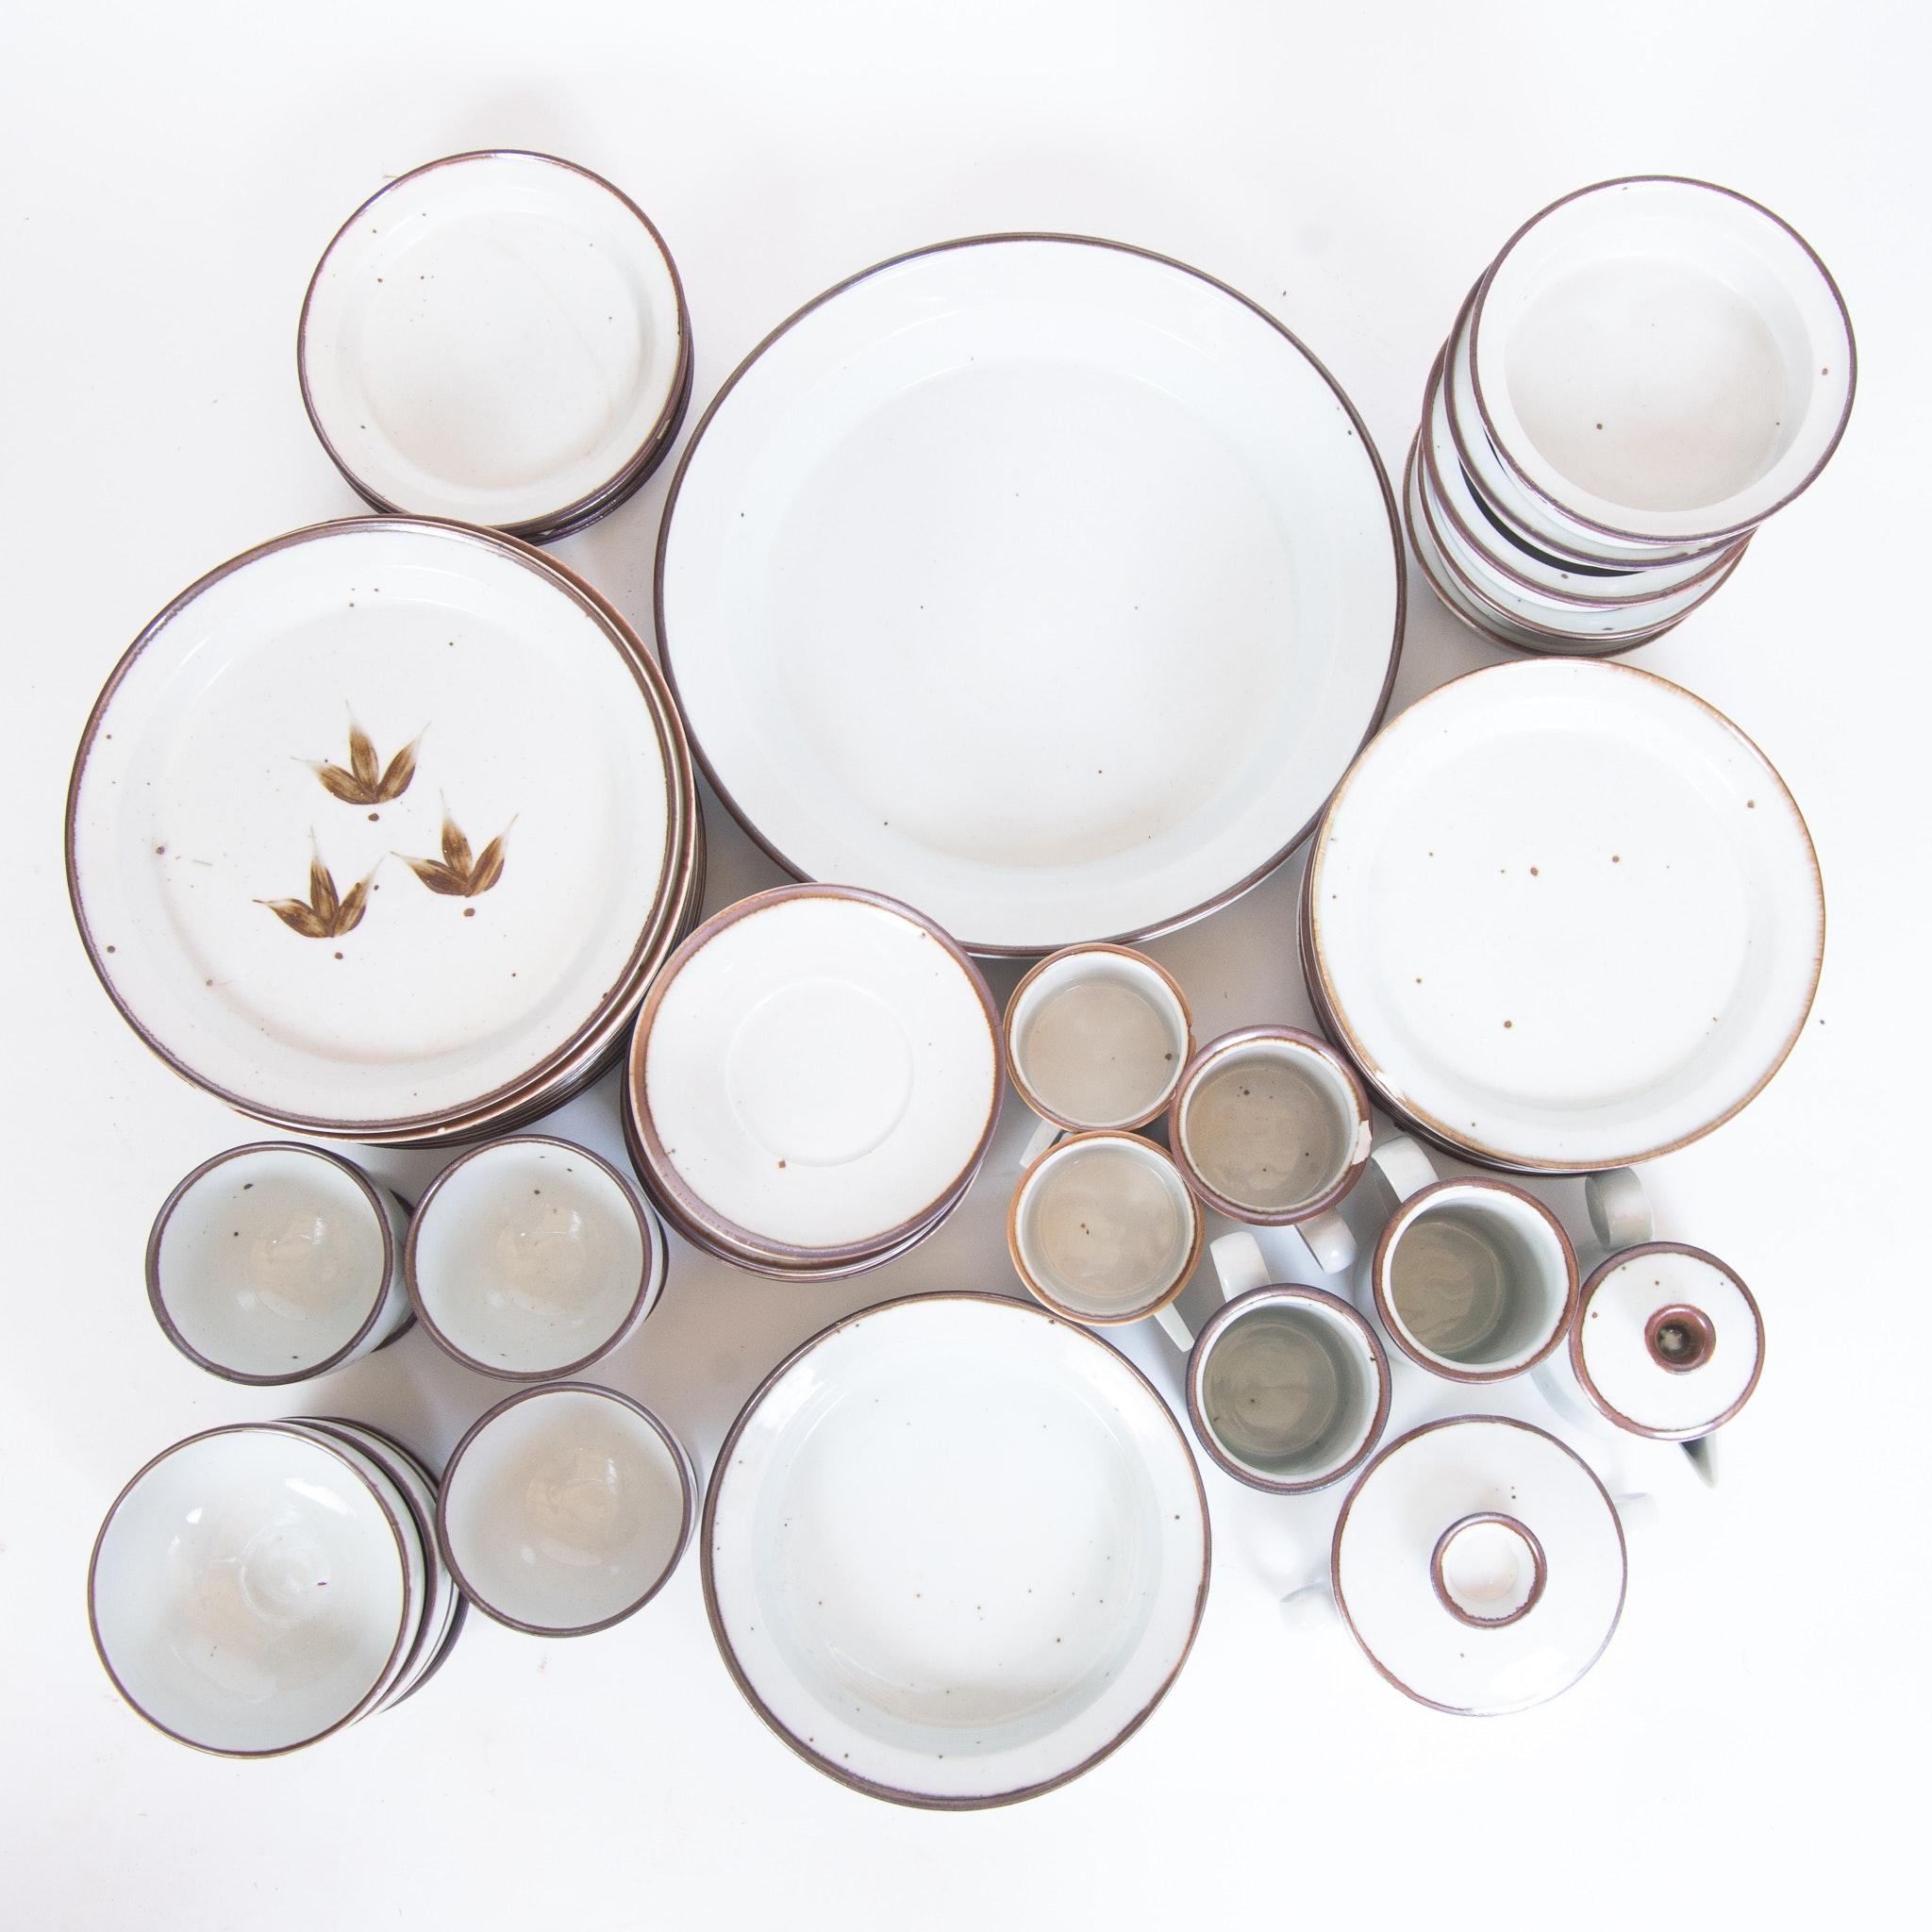 1950s Dansk  Brown Mist  Tableware Assortment ...  sc 1 st  EBTH.com & 1950s Dansk